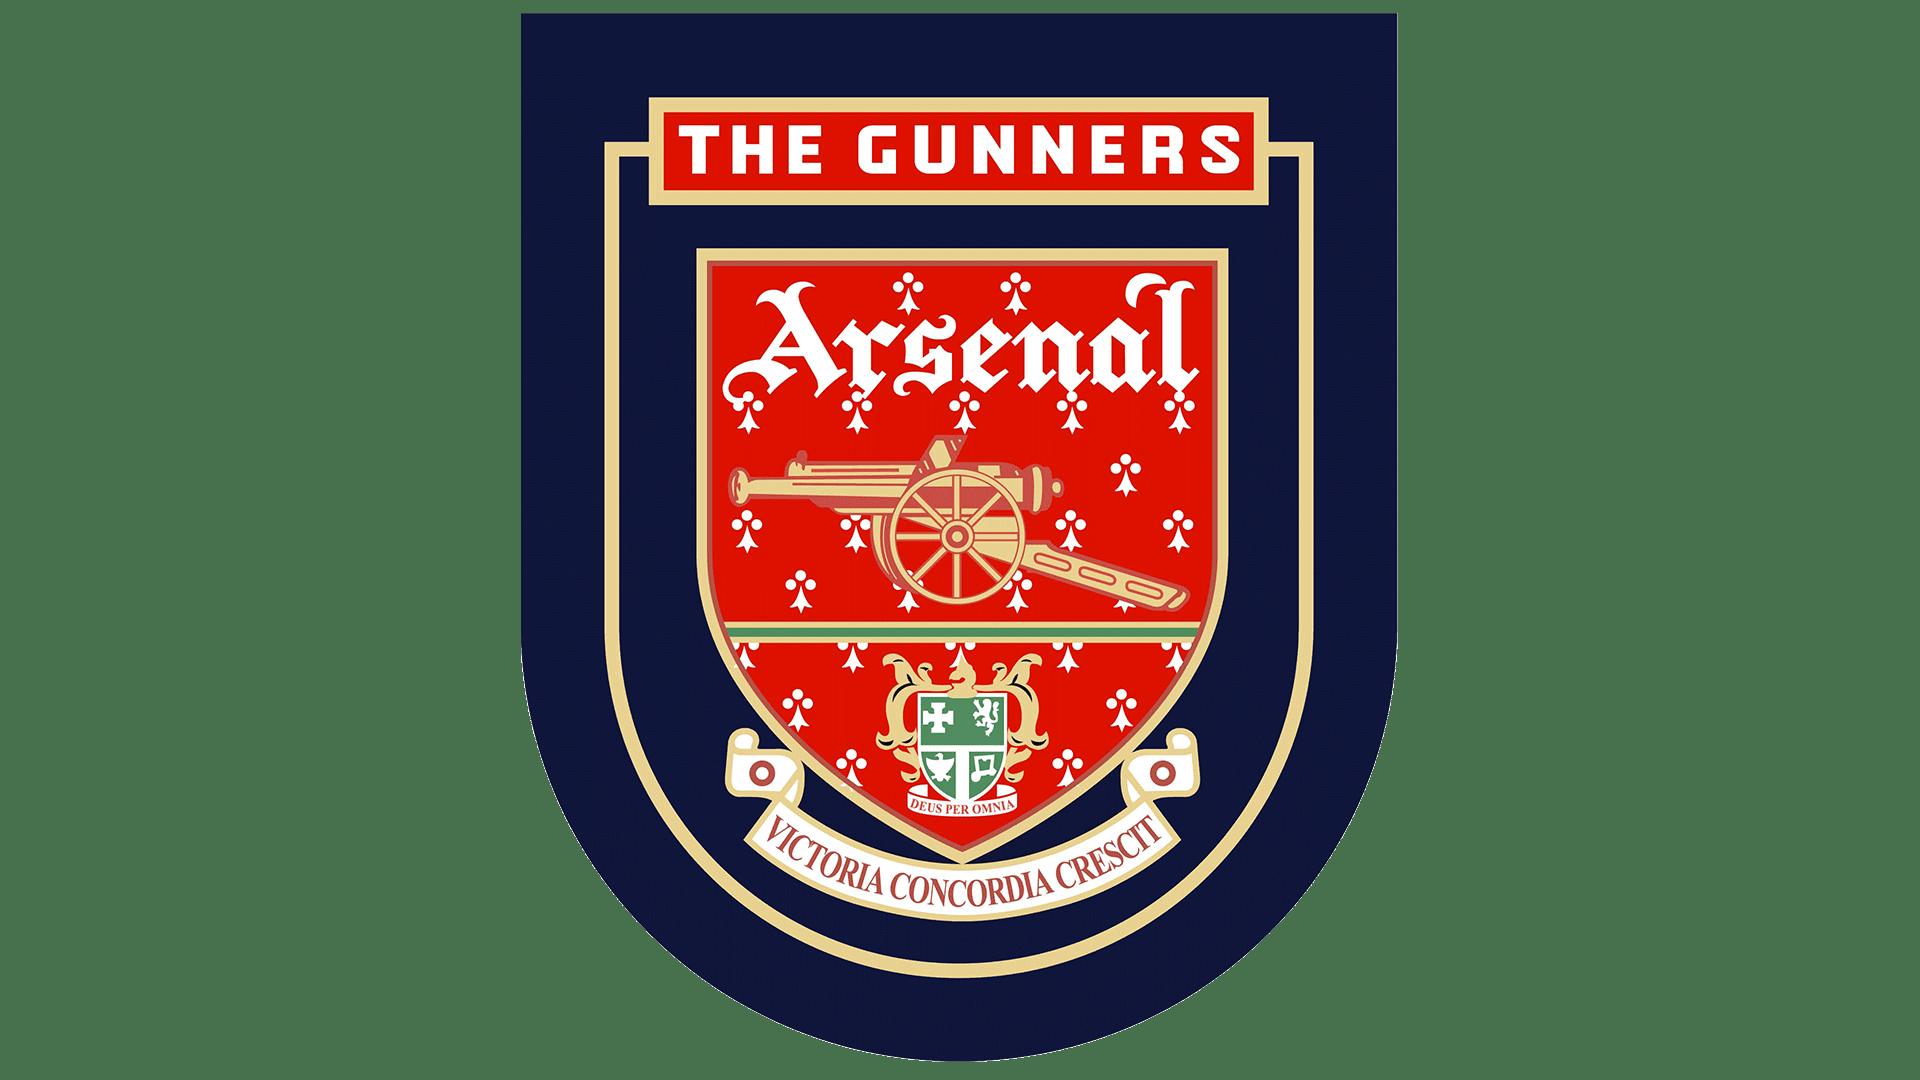 Arsenal Logo : histoire, signification de l'emblème